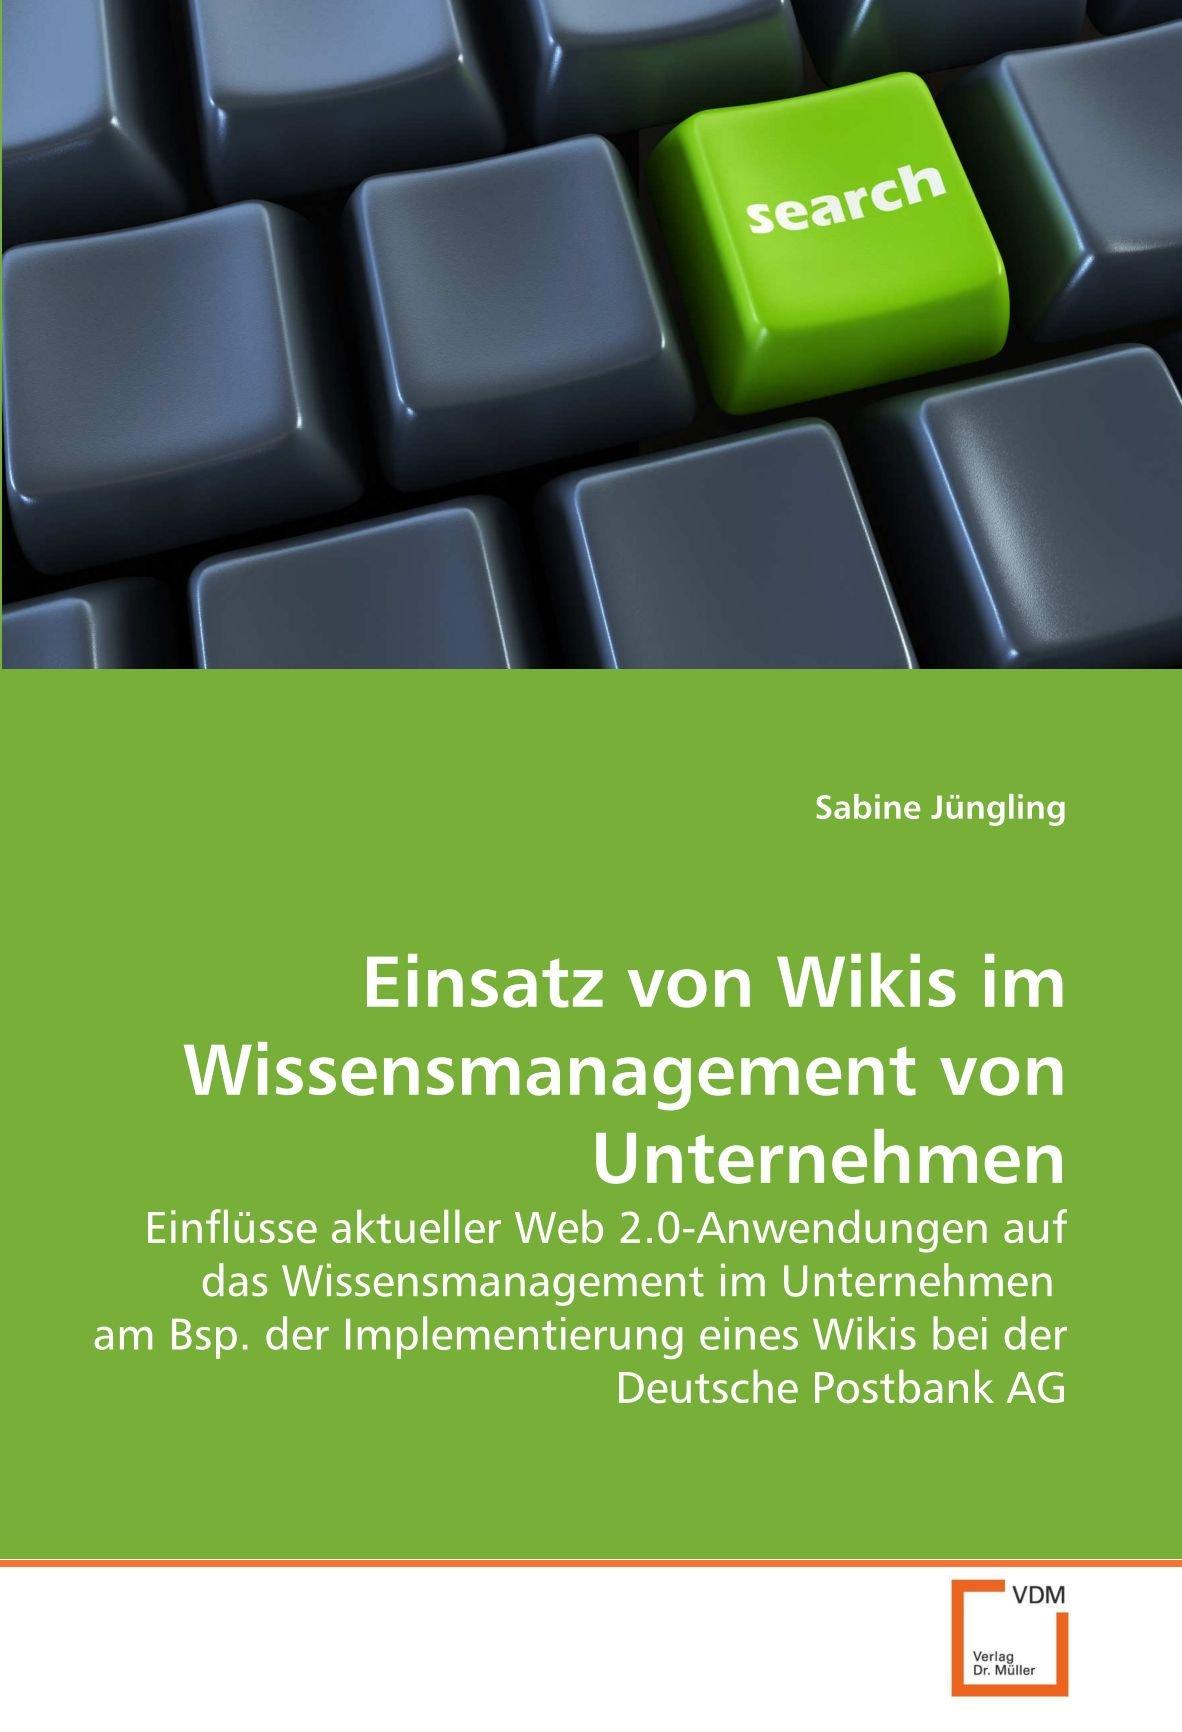 Einsatz von Wikis im Wissensmanagement von Unternehmen: Einflüsse aktueller Web 2.0-Anwendungen auf das Wissensmanagement im Unternehmen am Bsp. der ... eines Wikis bei der Deutsche Postbank AG